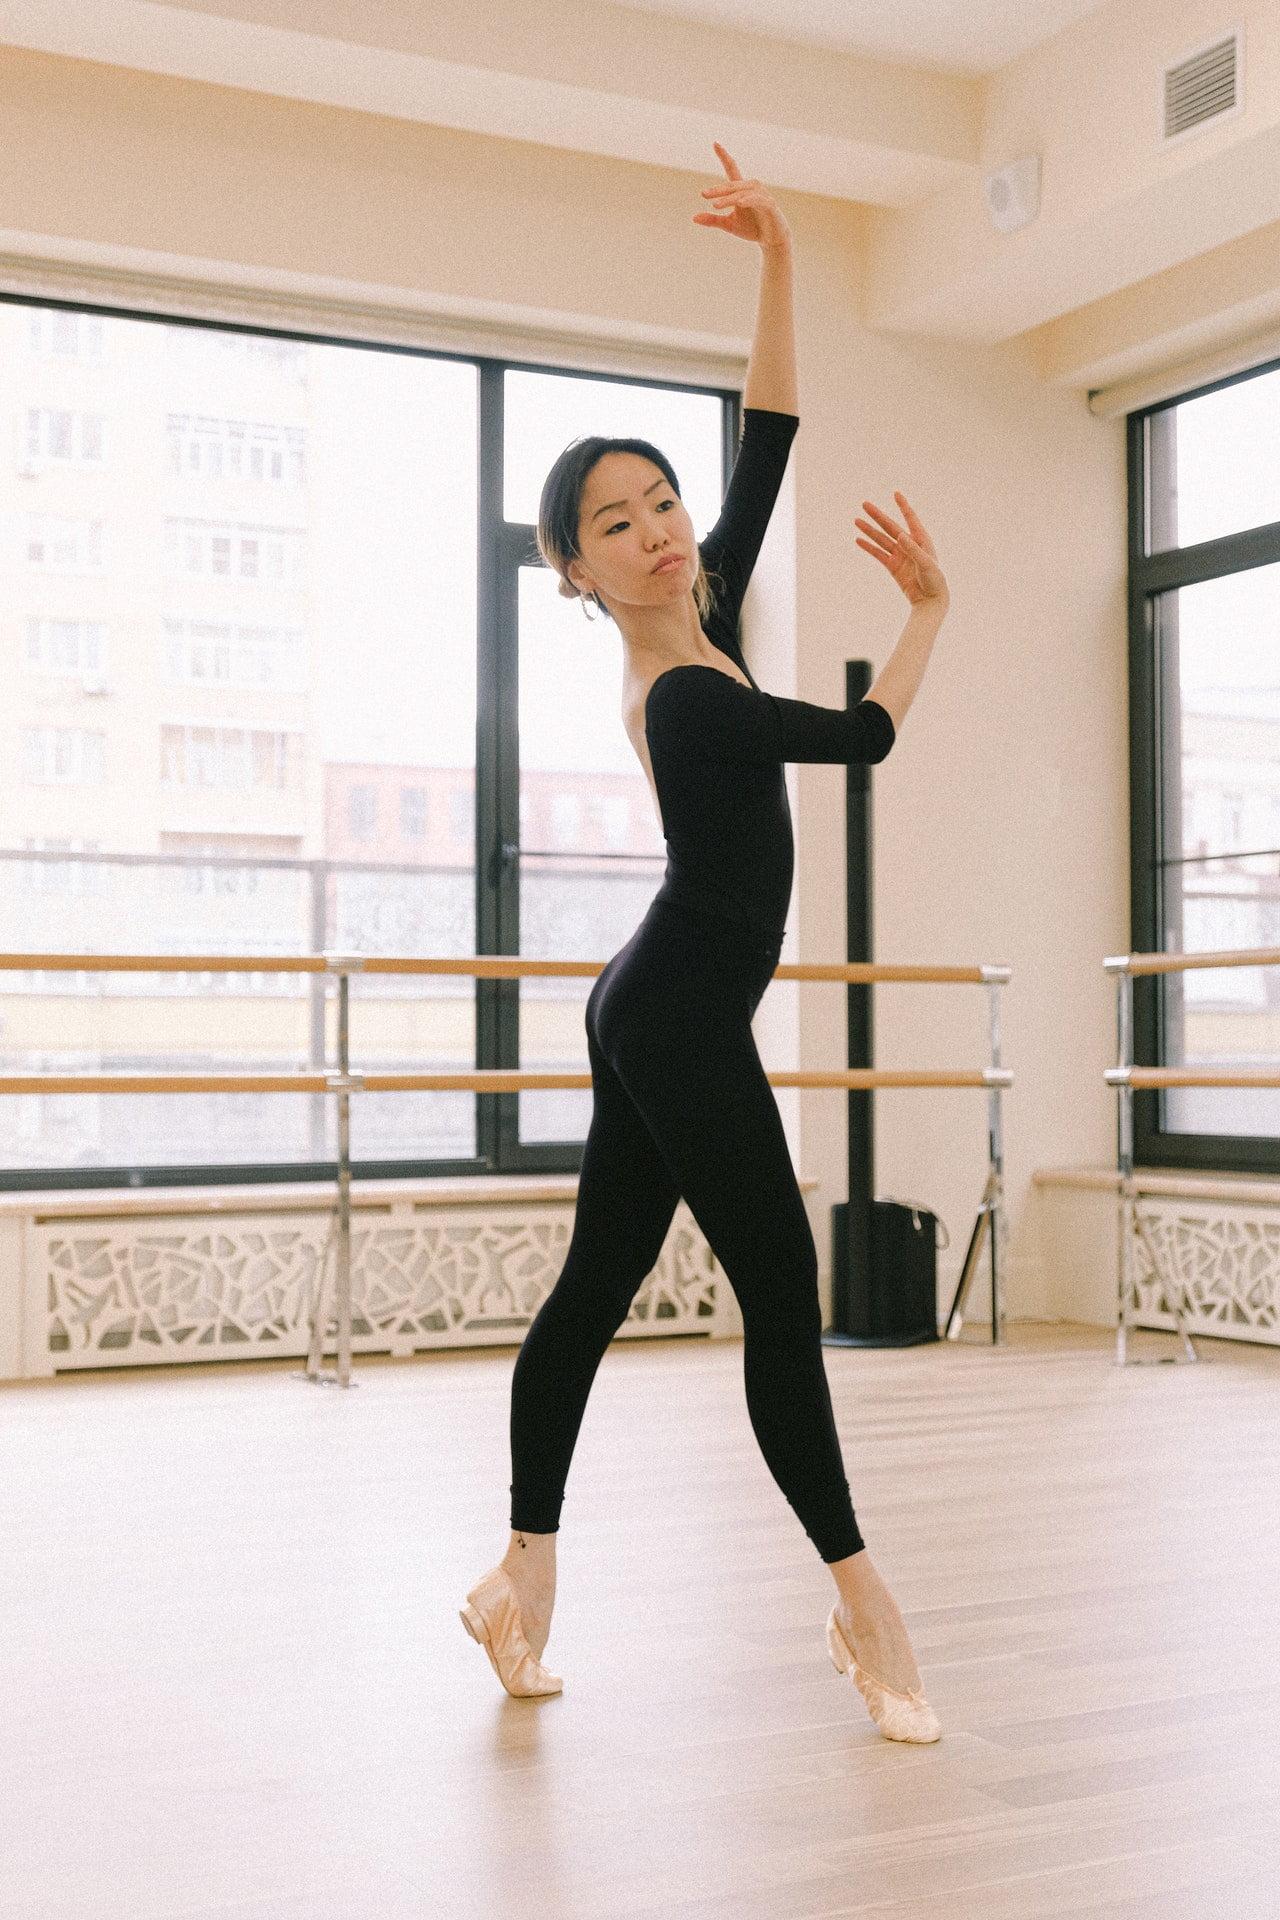 एरोबिक एक्सरसाइज क्या है - What is Aerobic Exercise